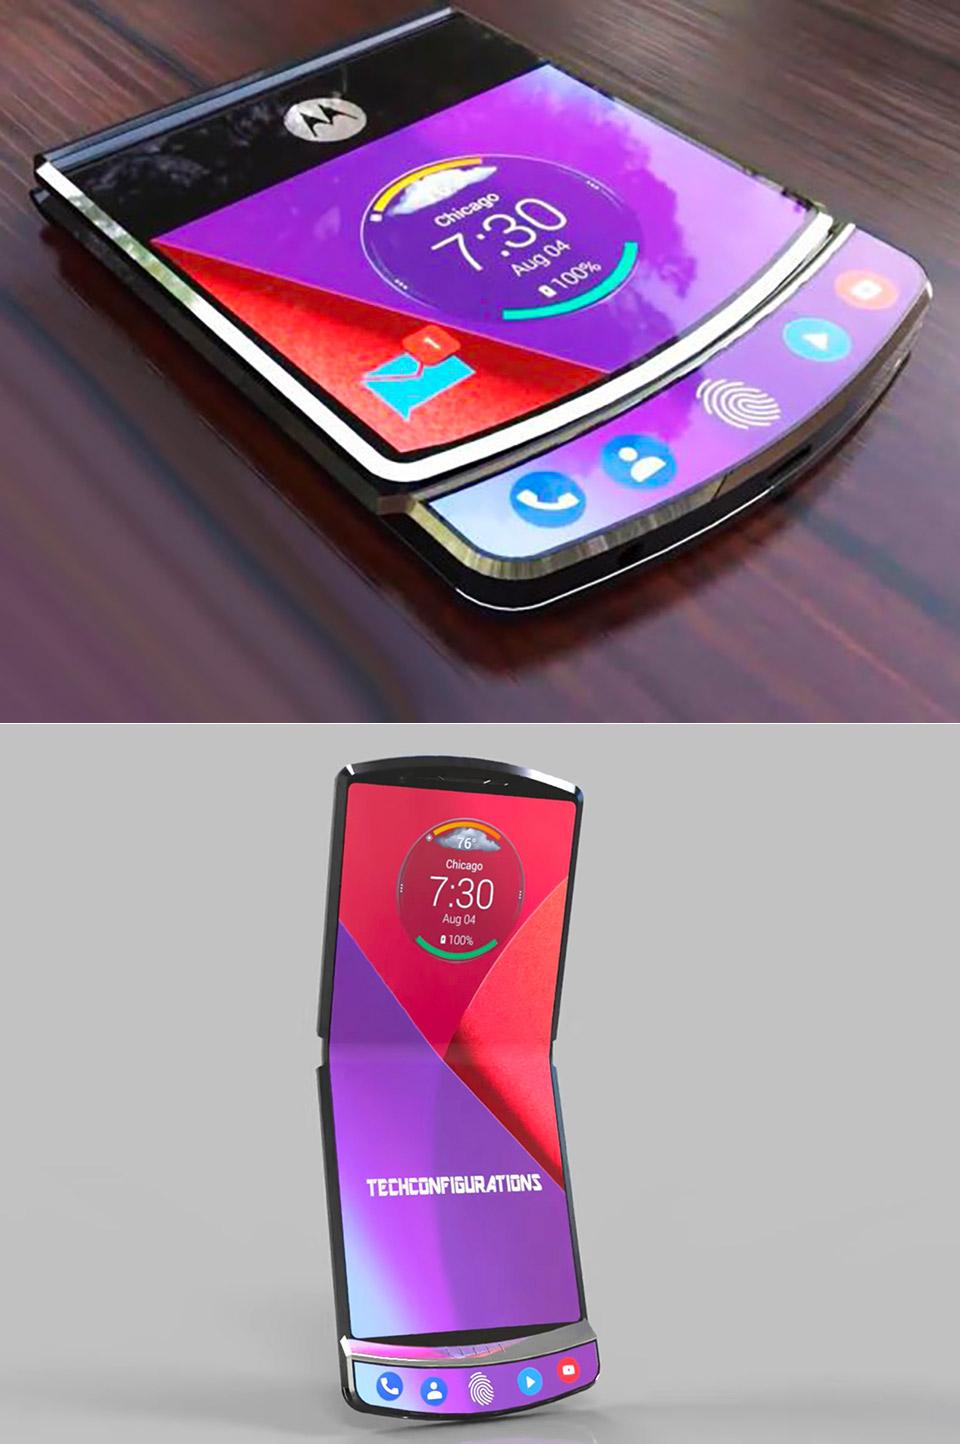 Motorola RAZR Mobile Phone Droid RAZR M